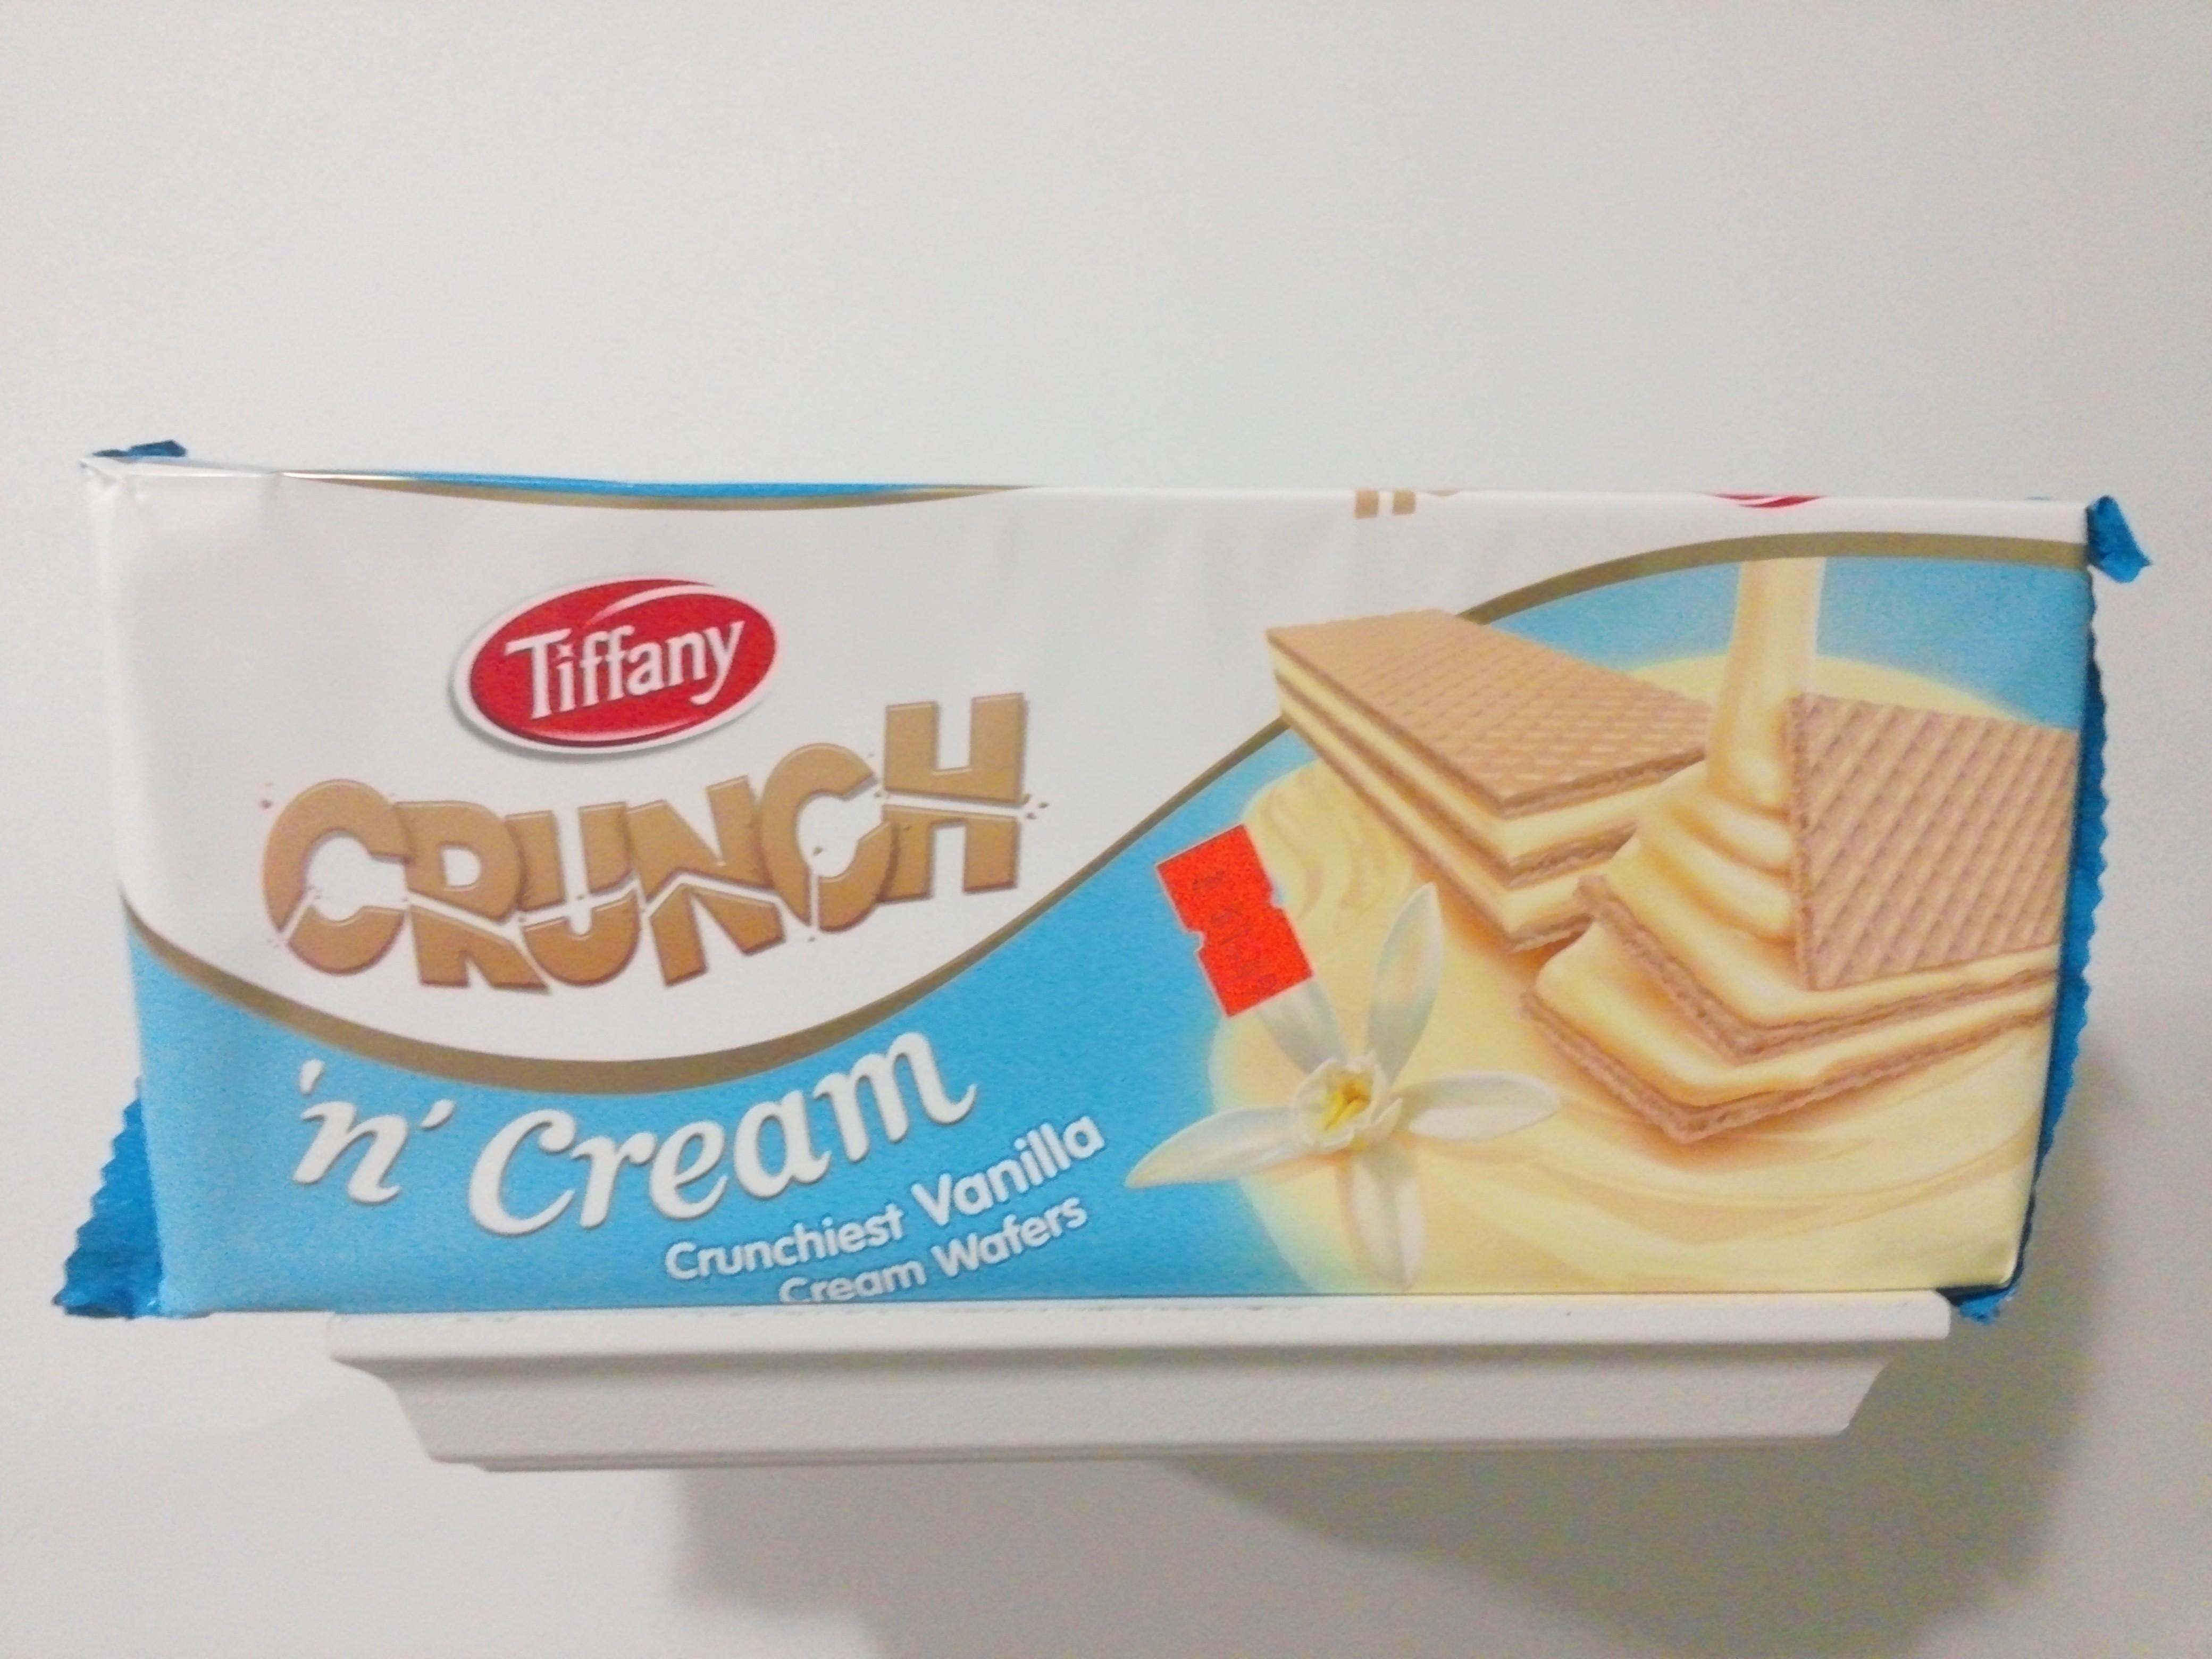 Tiffany Crunchiest Vanilla Cream Wafers 5.38 oz